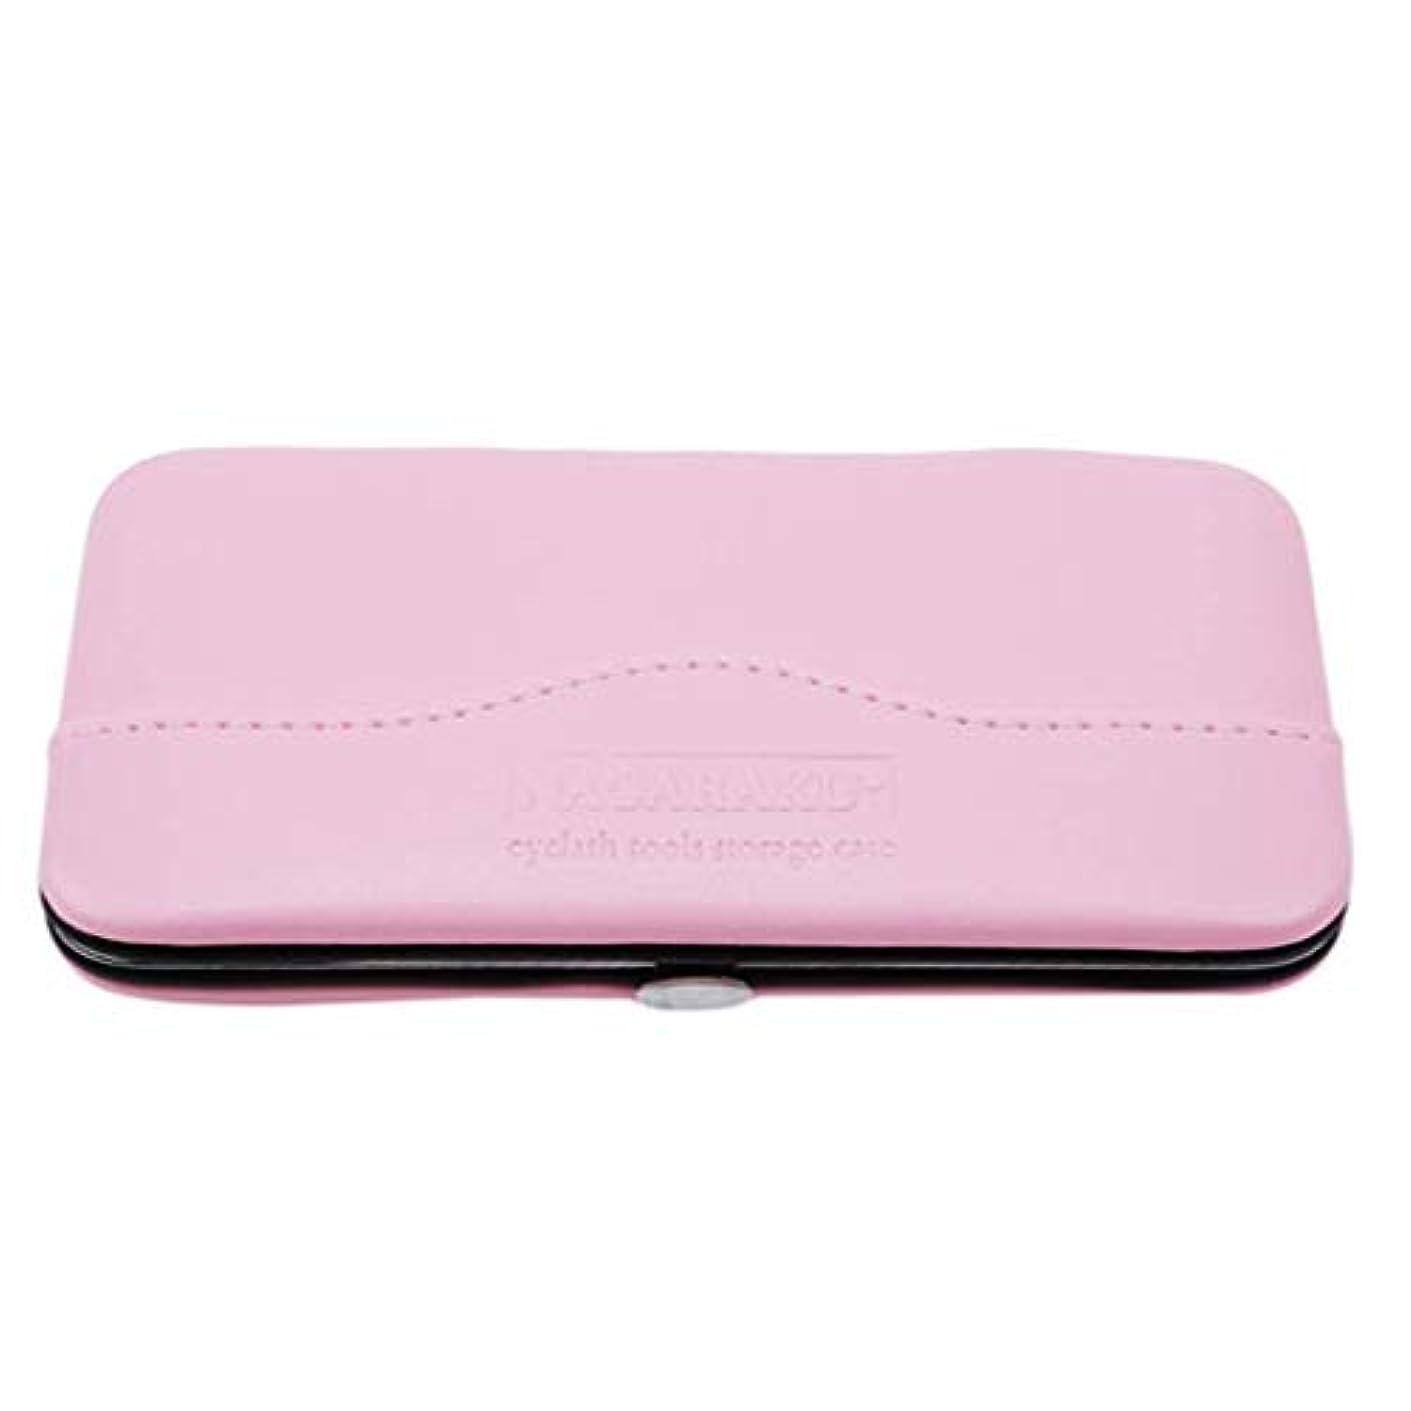 大声でブリリアント癒す1st market プレミアム品質1ピース化粧道具バッグ用まつげエクステンションピンセット収納ボックスケース